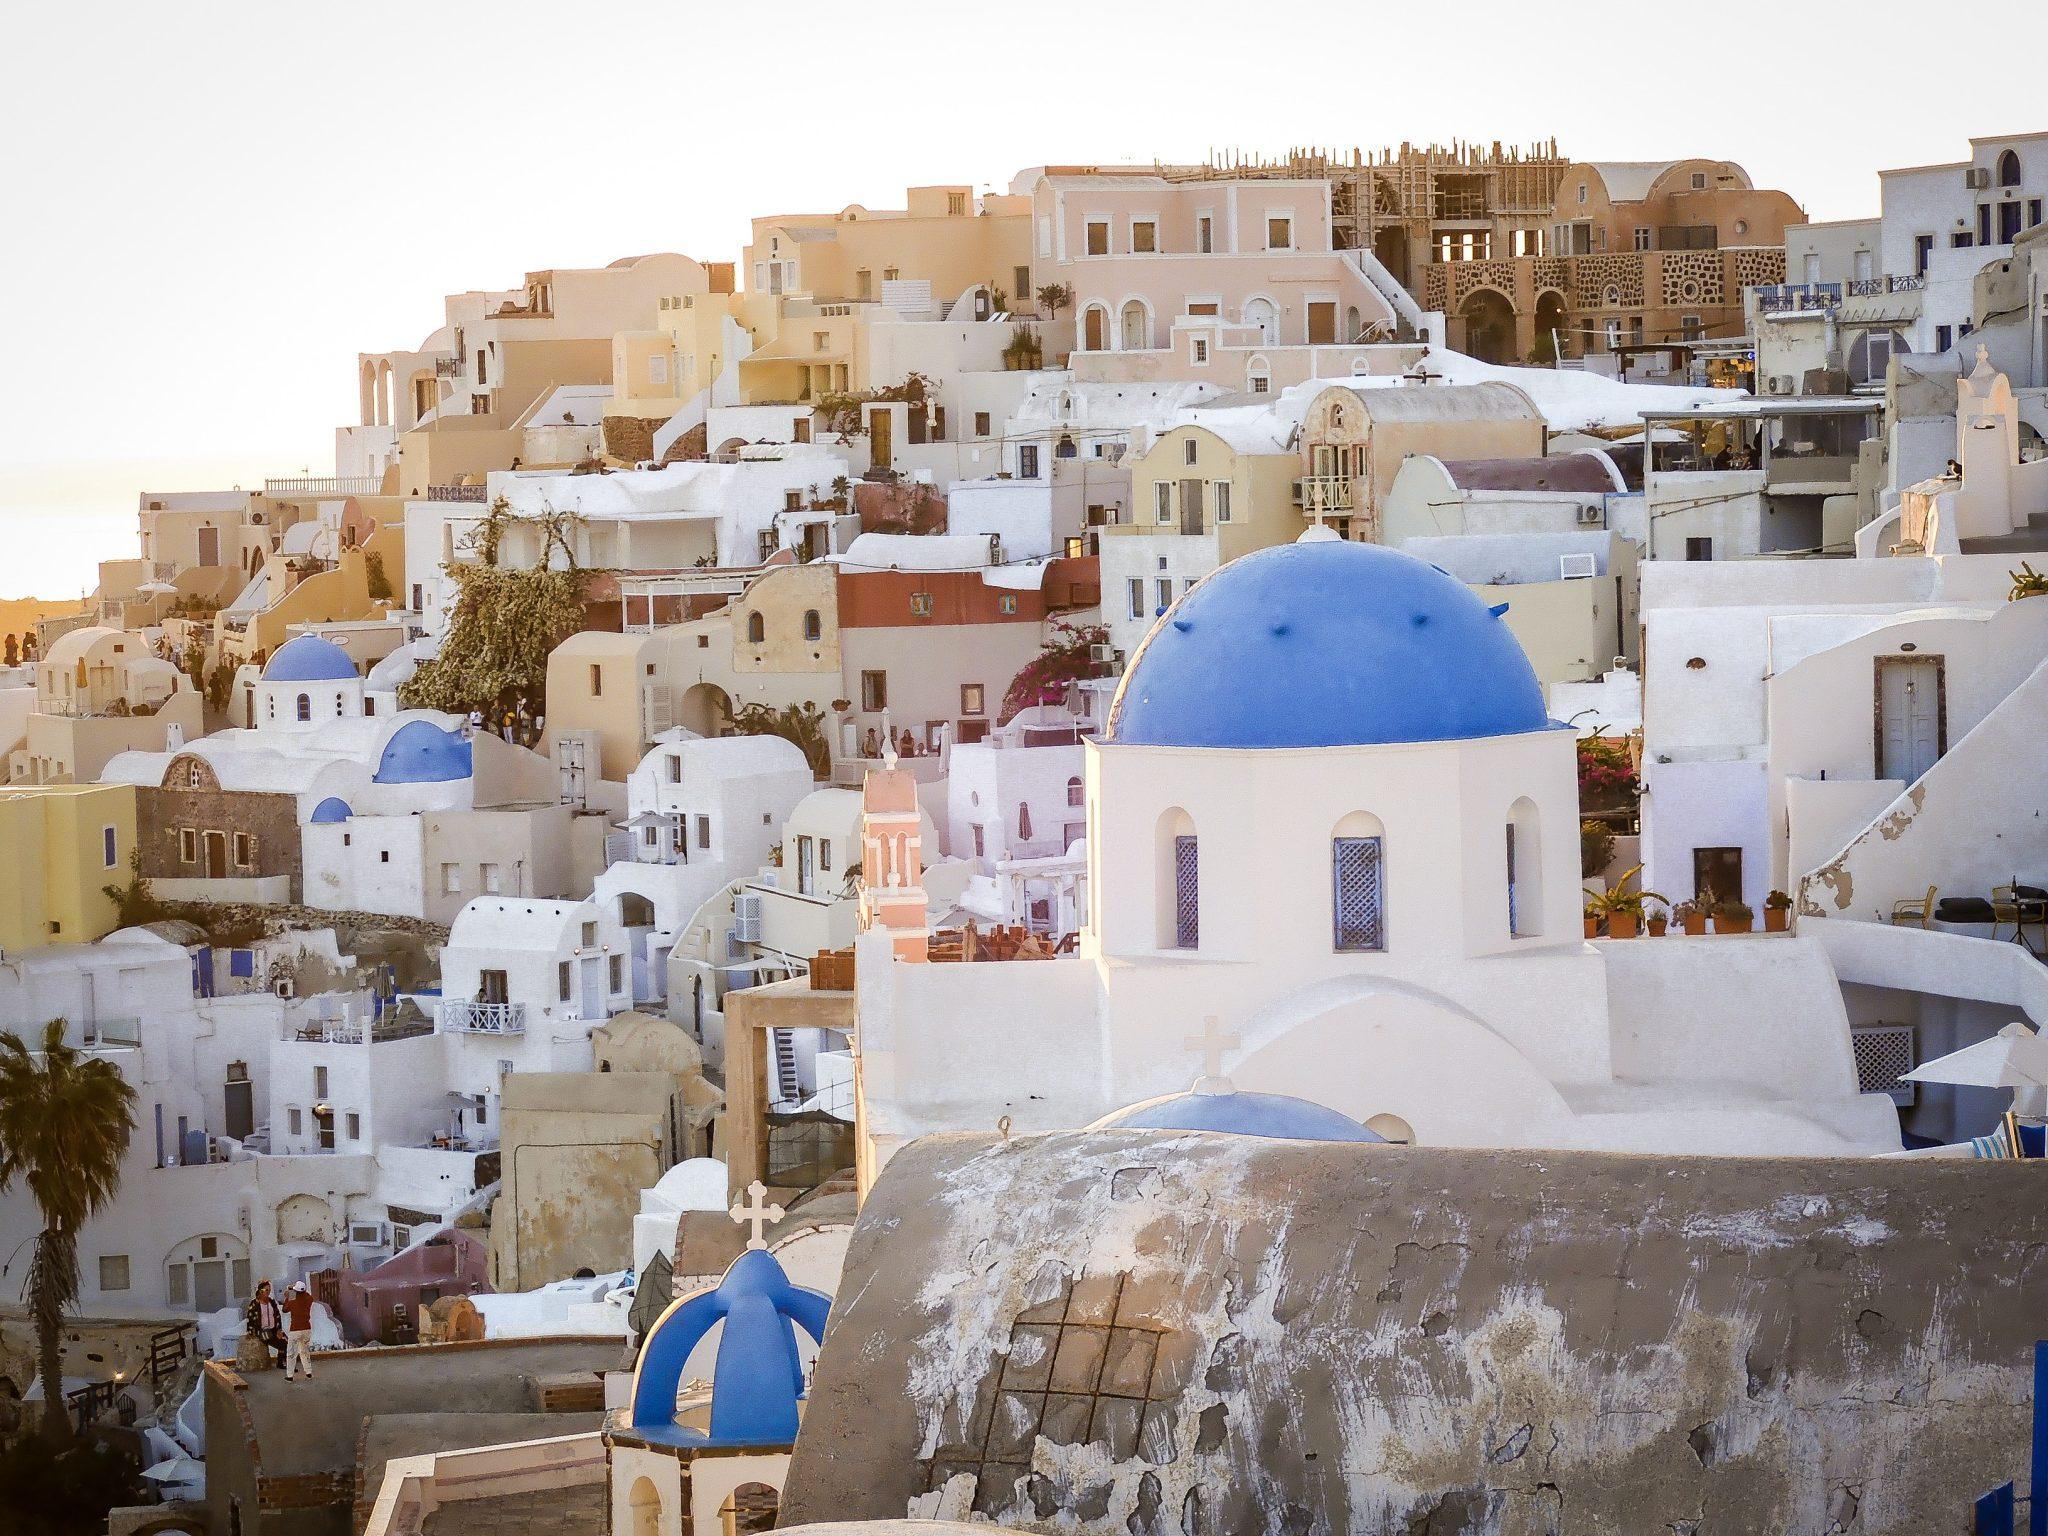 DSCN3012 - Greckie Santorini w listopadzie